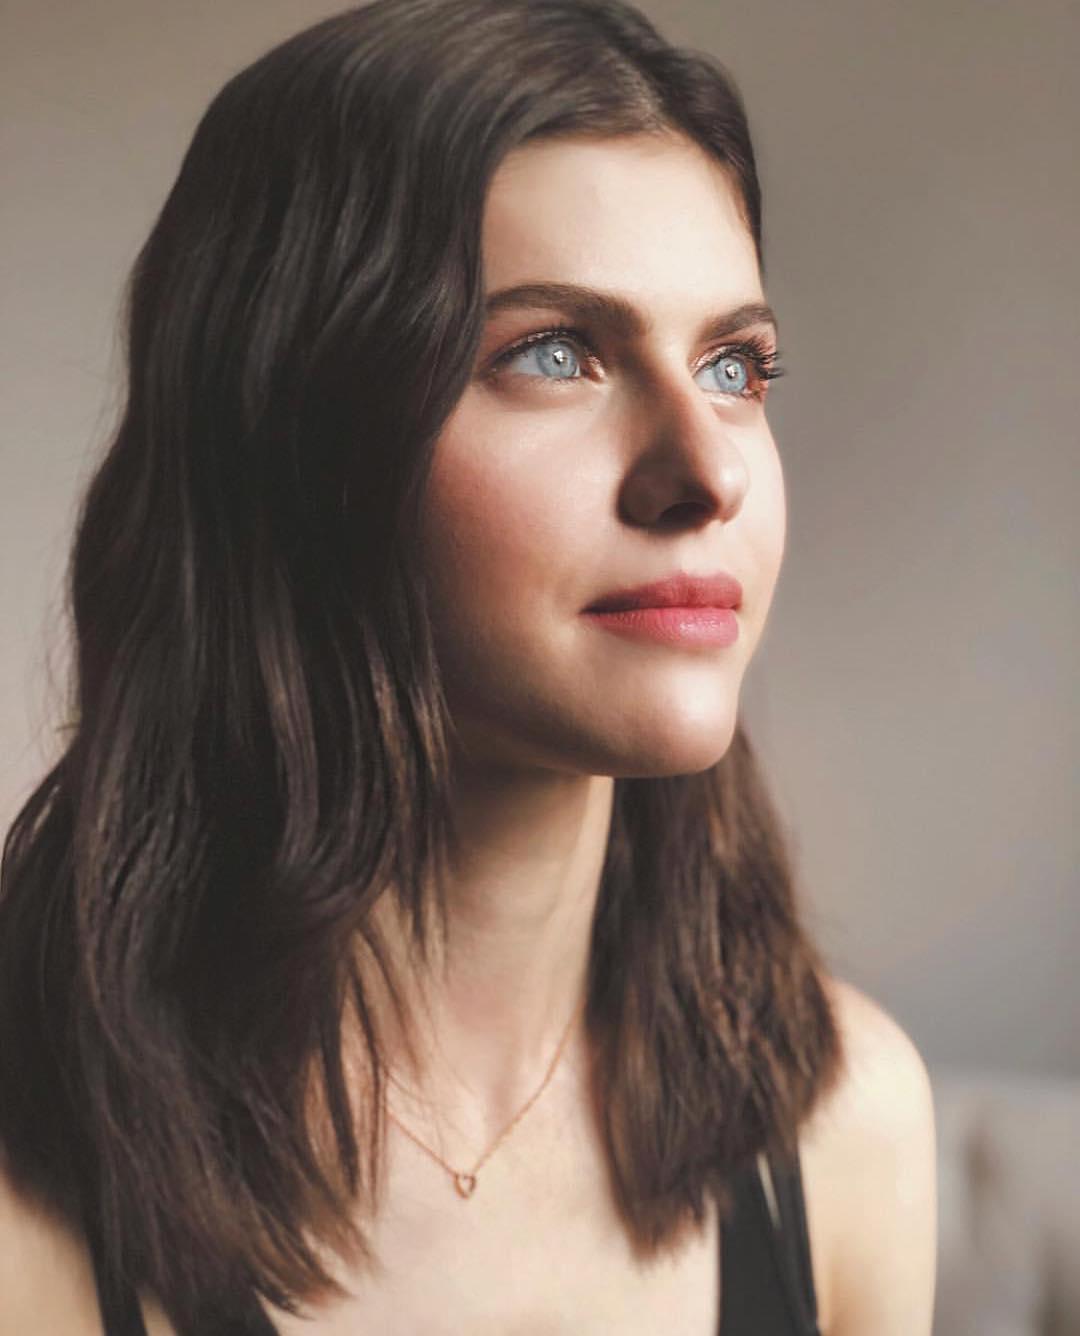 Alexandra-Daddario-4